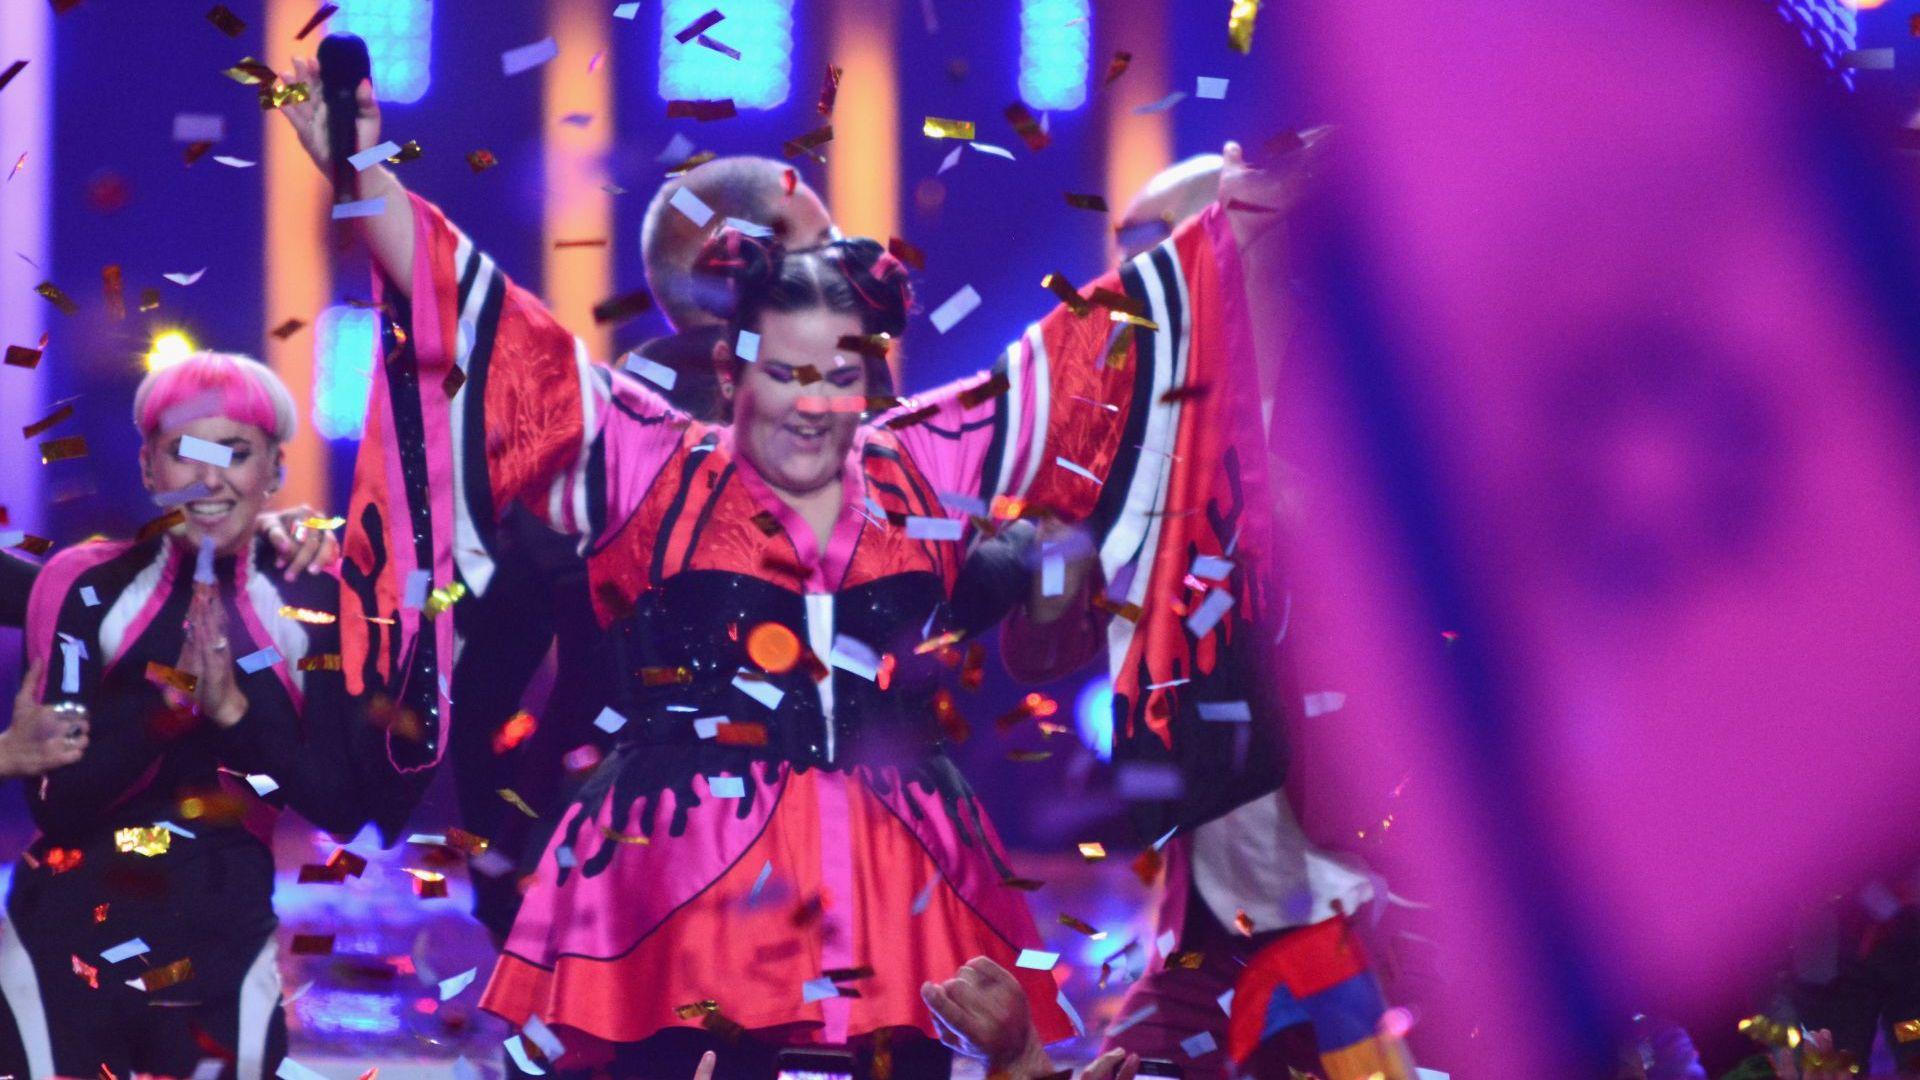 """Лисабон предаде на Тел Авив символичните ключове на """"Евровизия"""""""